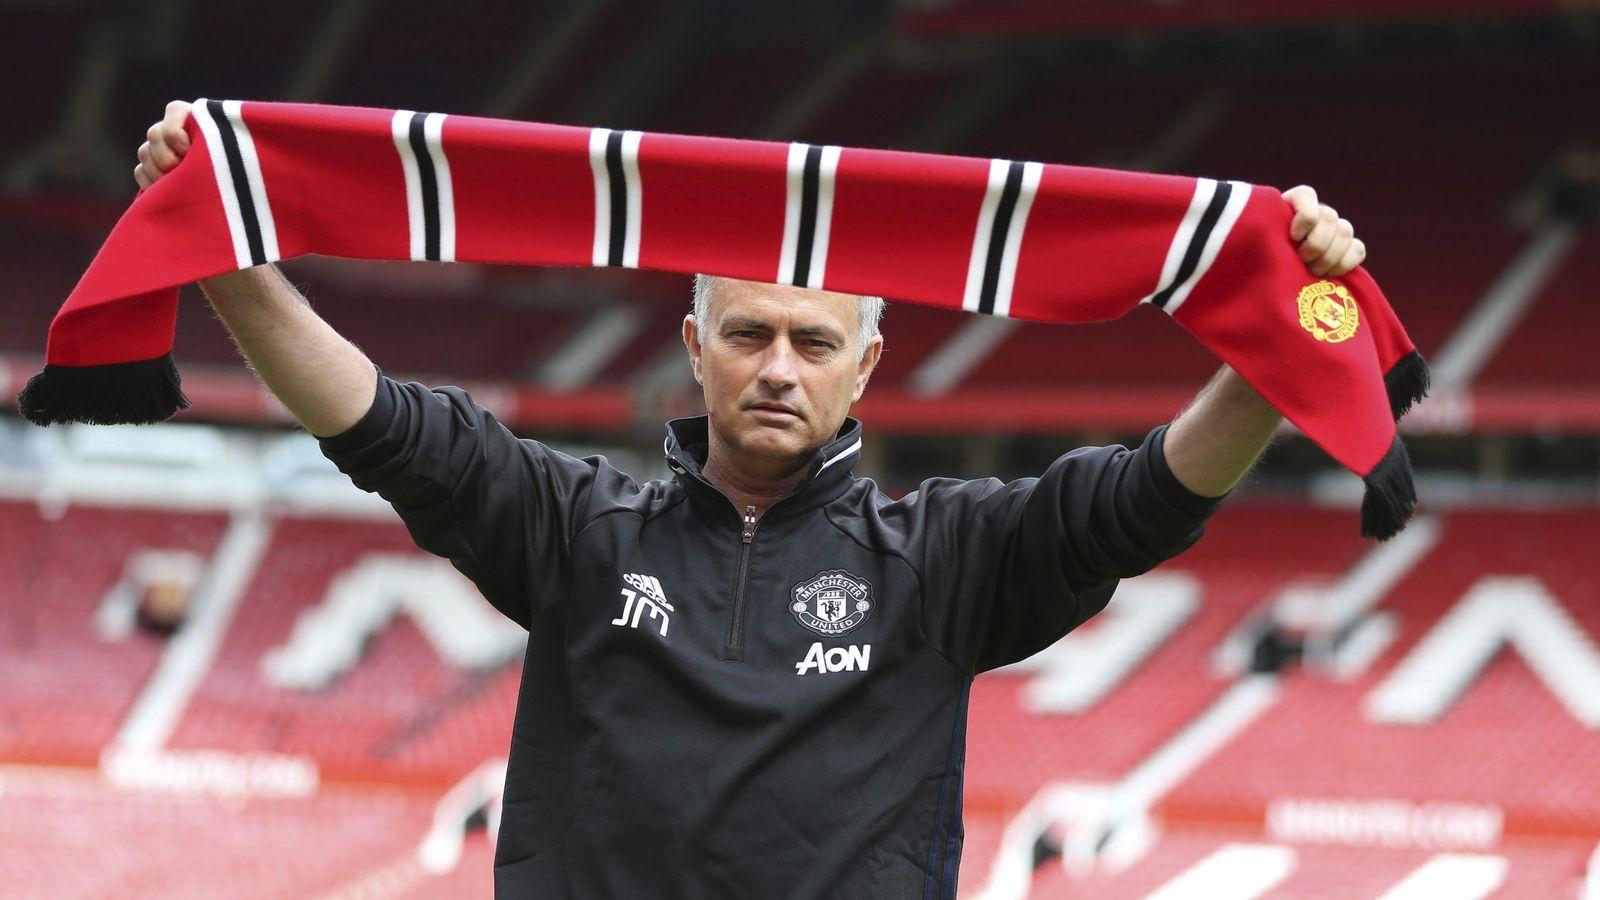 Foto: Mourinho fue presentado como nuevo entrenador del Manchester United (EFE